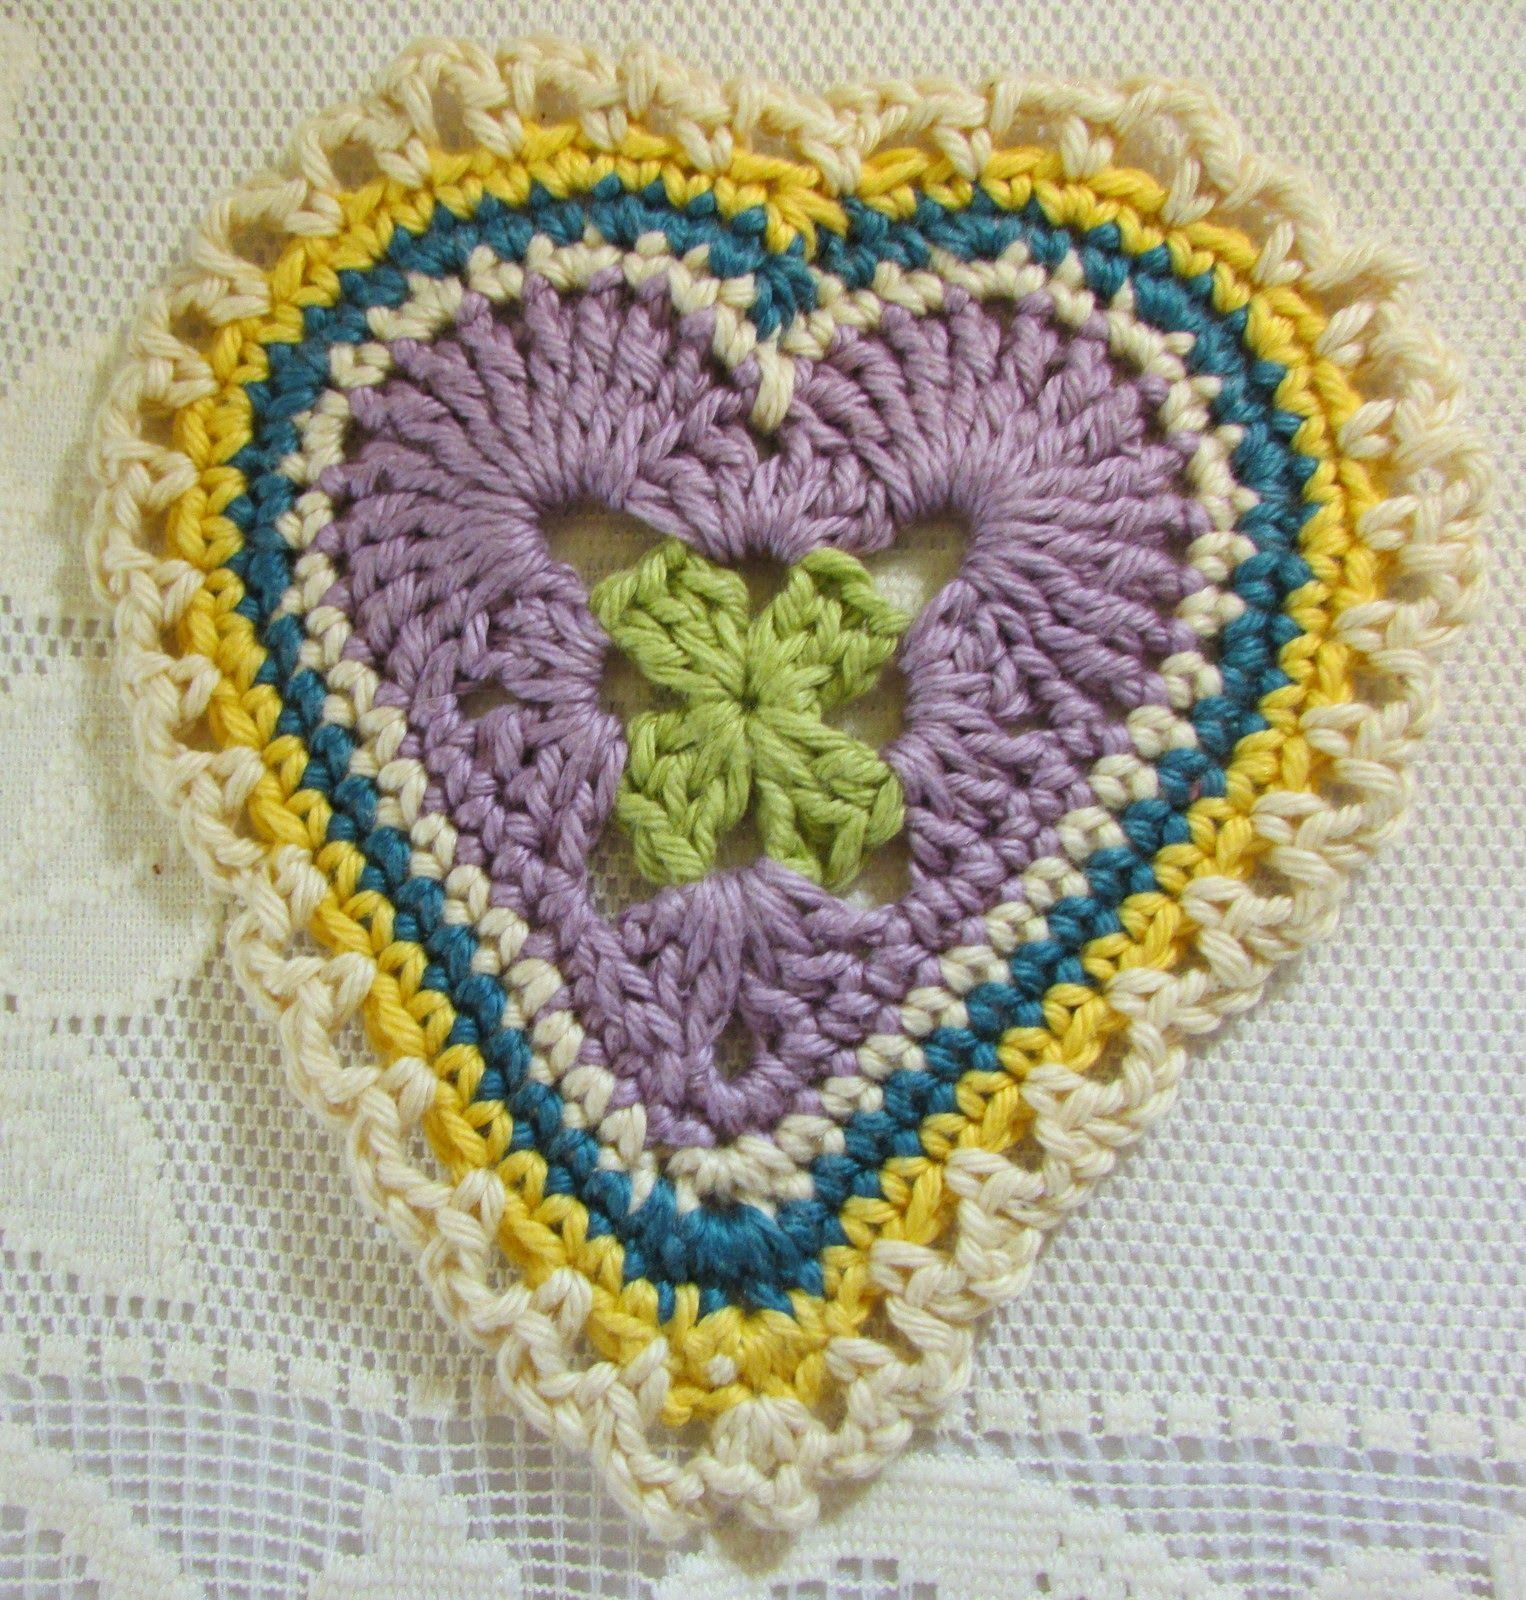 Pin de Ely Guerra en Crochet | Pinterest | Tejido